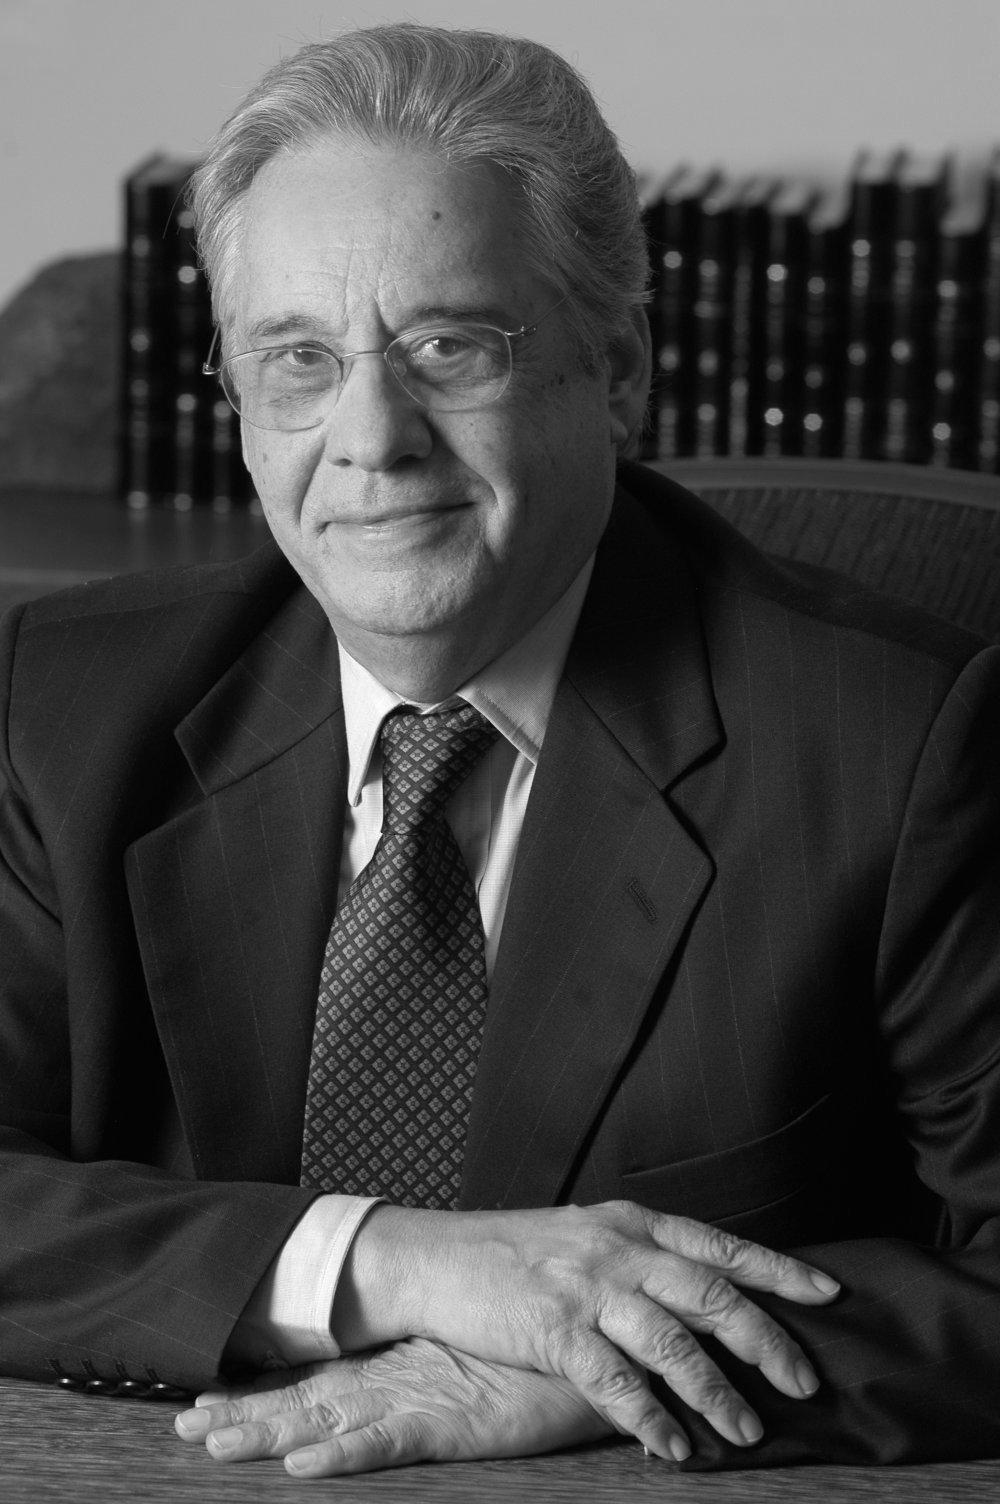 """Fernando H. Cardoso, Brasil (1995-2002)  """"Prefiero hablar de un vínculo imperativo, que no está dado, sino que se construye, a partir del reconocimiento de que la democracia es una opción que se justifica en sí misma, como valor universal, posible como tal de ser aceptada por todos""""."""